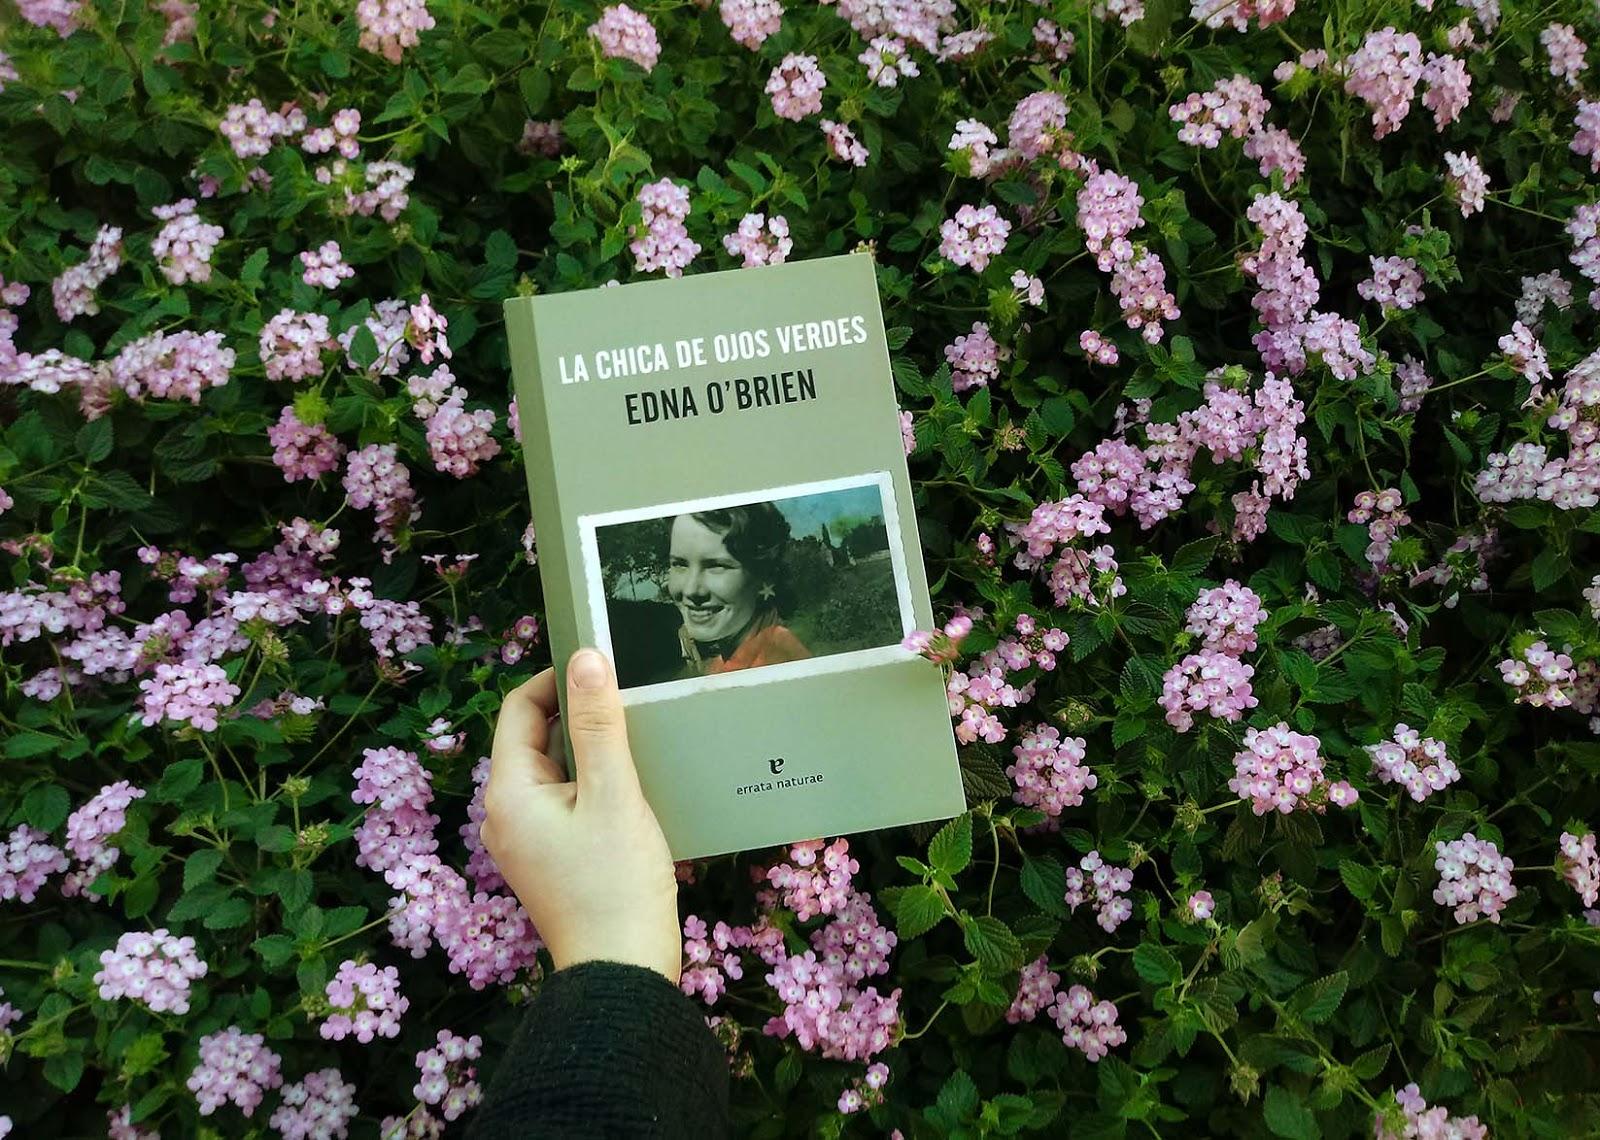 La chica de ojos verdes Edna O'Brien